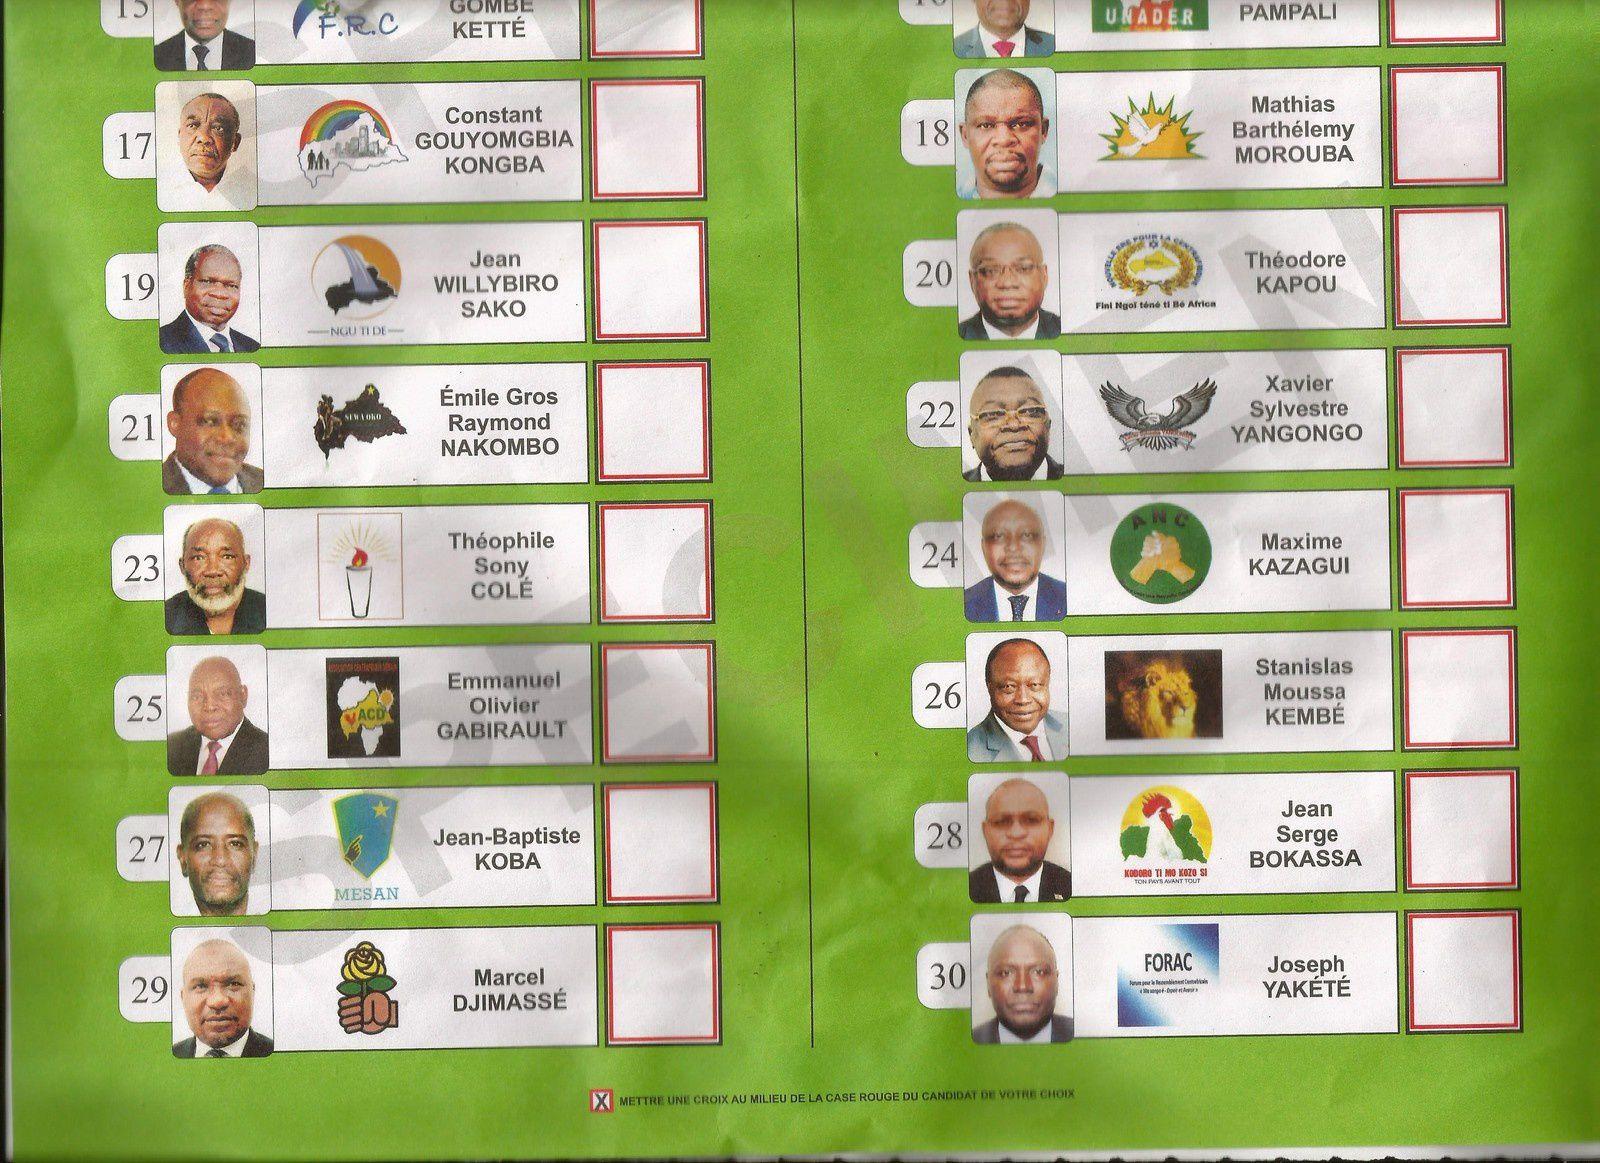 Specimen du bulletin unique de vote à la présidentielle